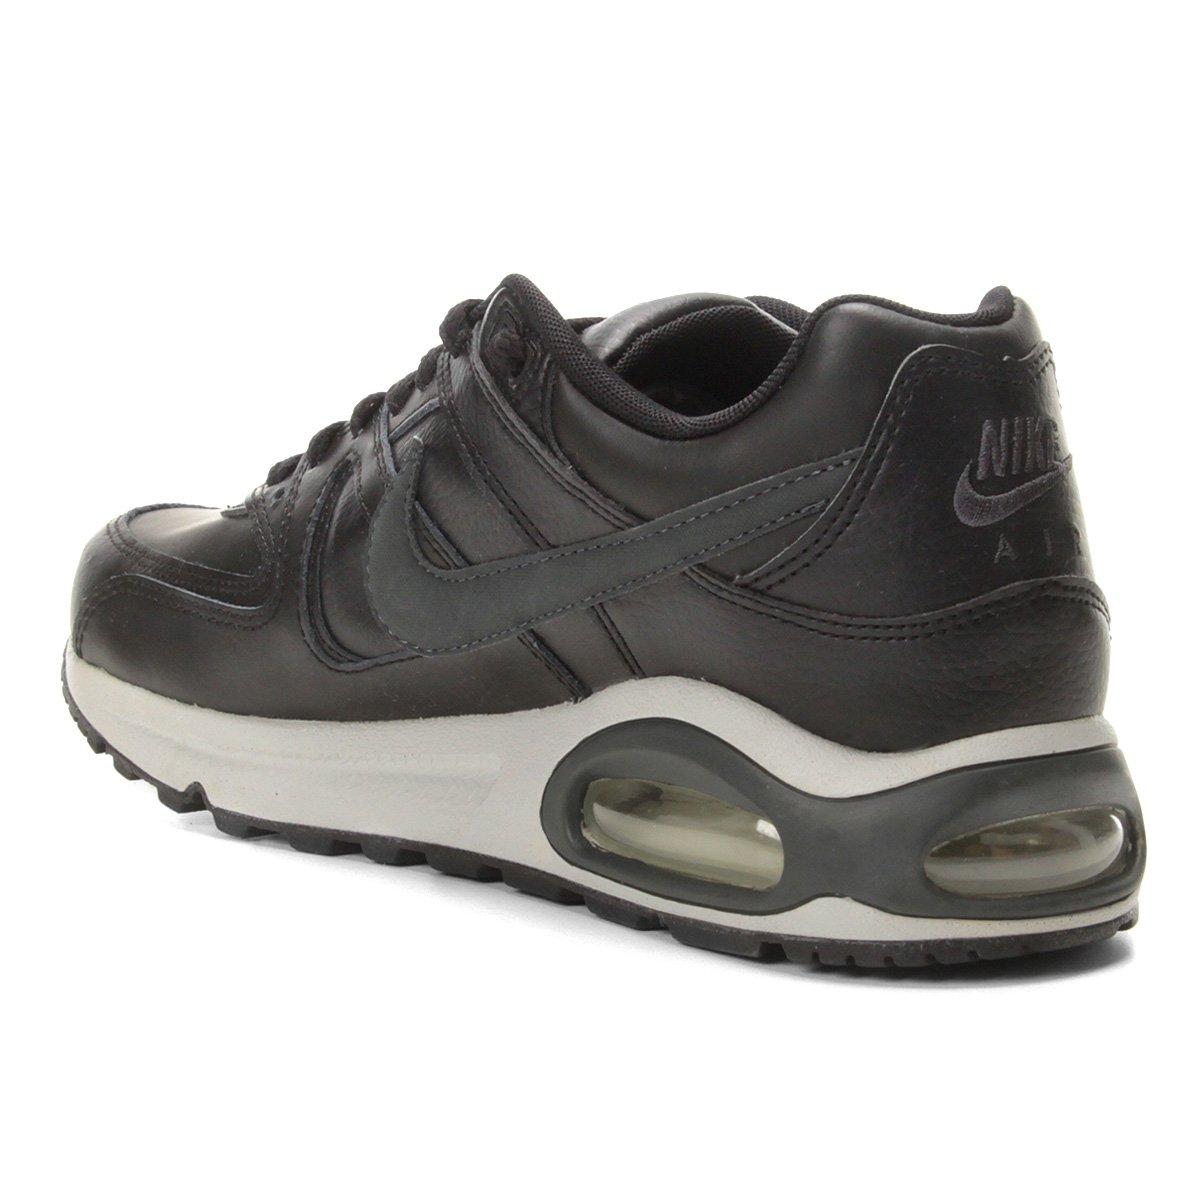 Tênis Nike Air Max Command Leather Masculino Preto e Cinza